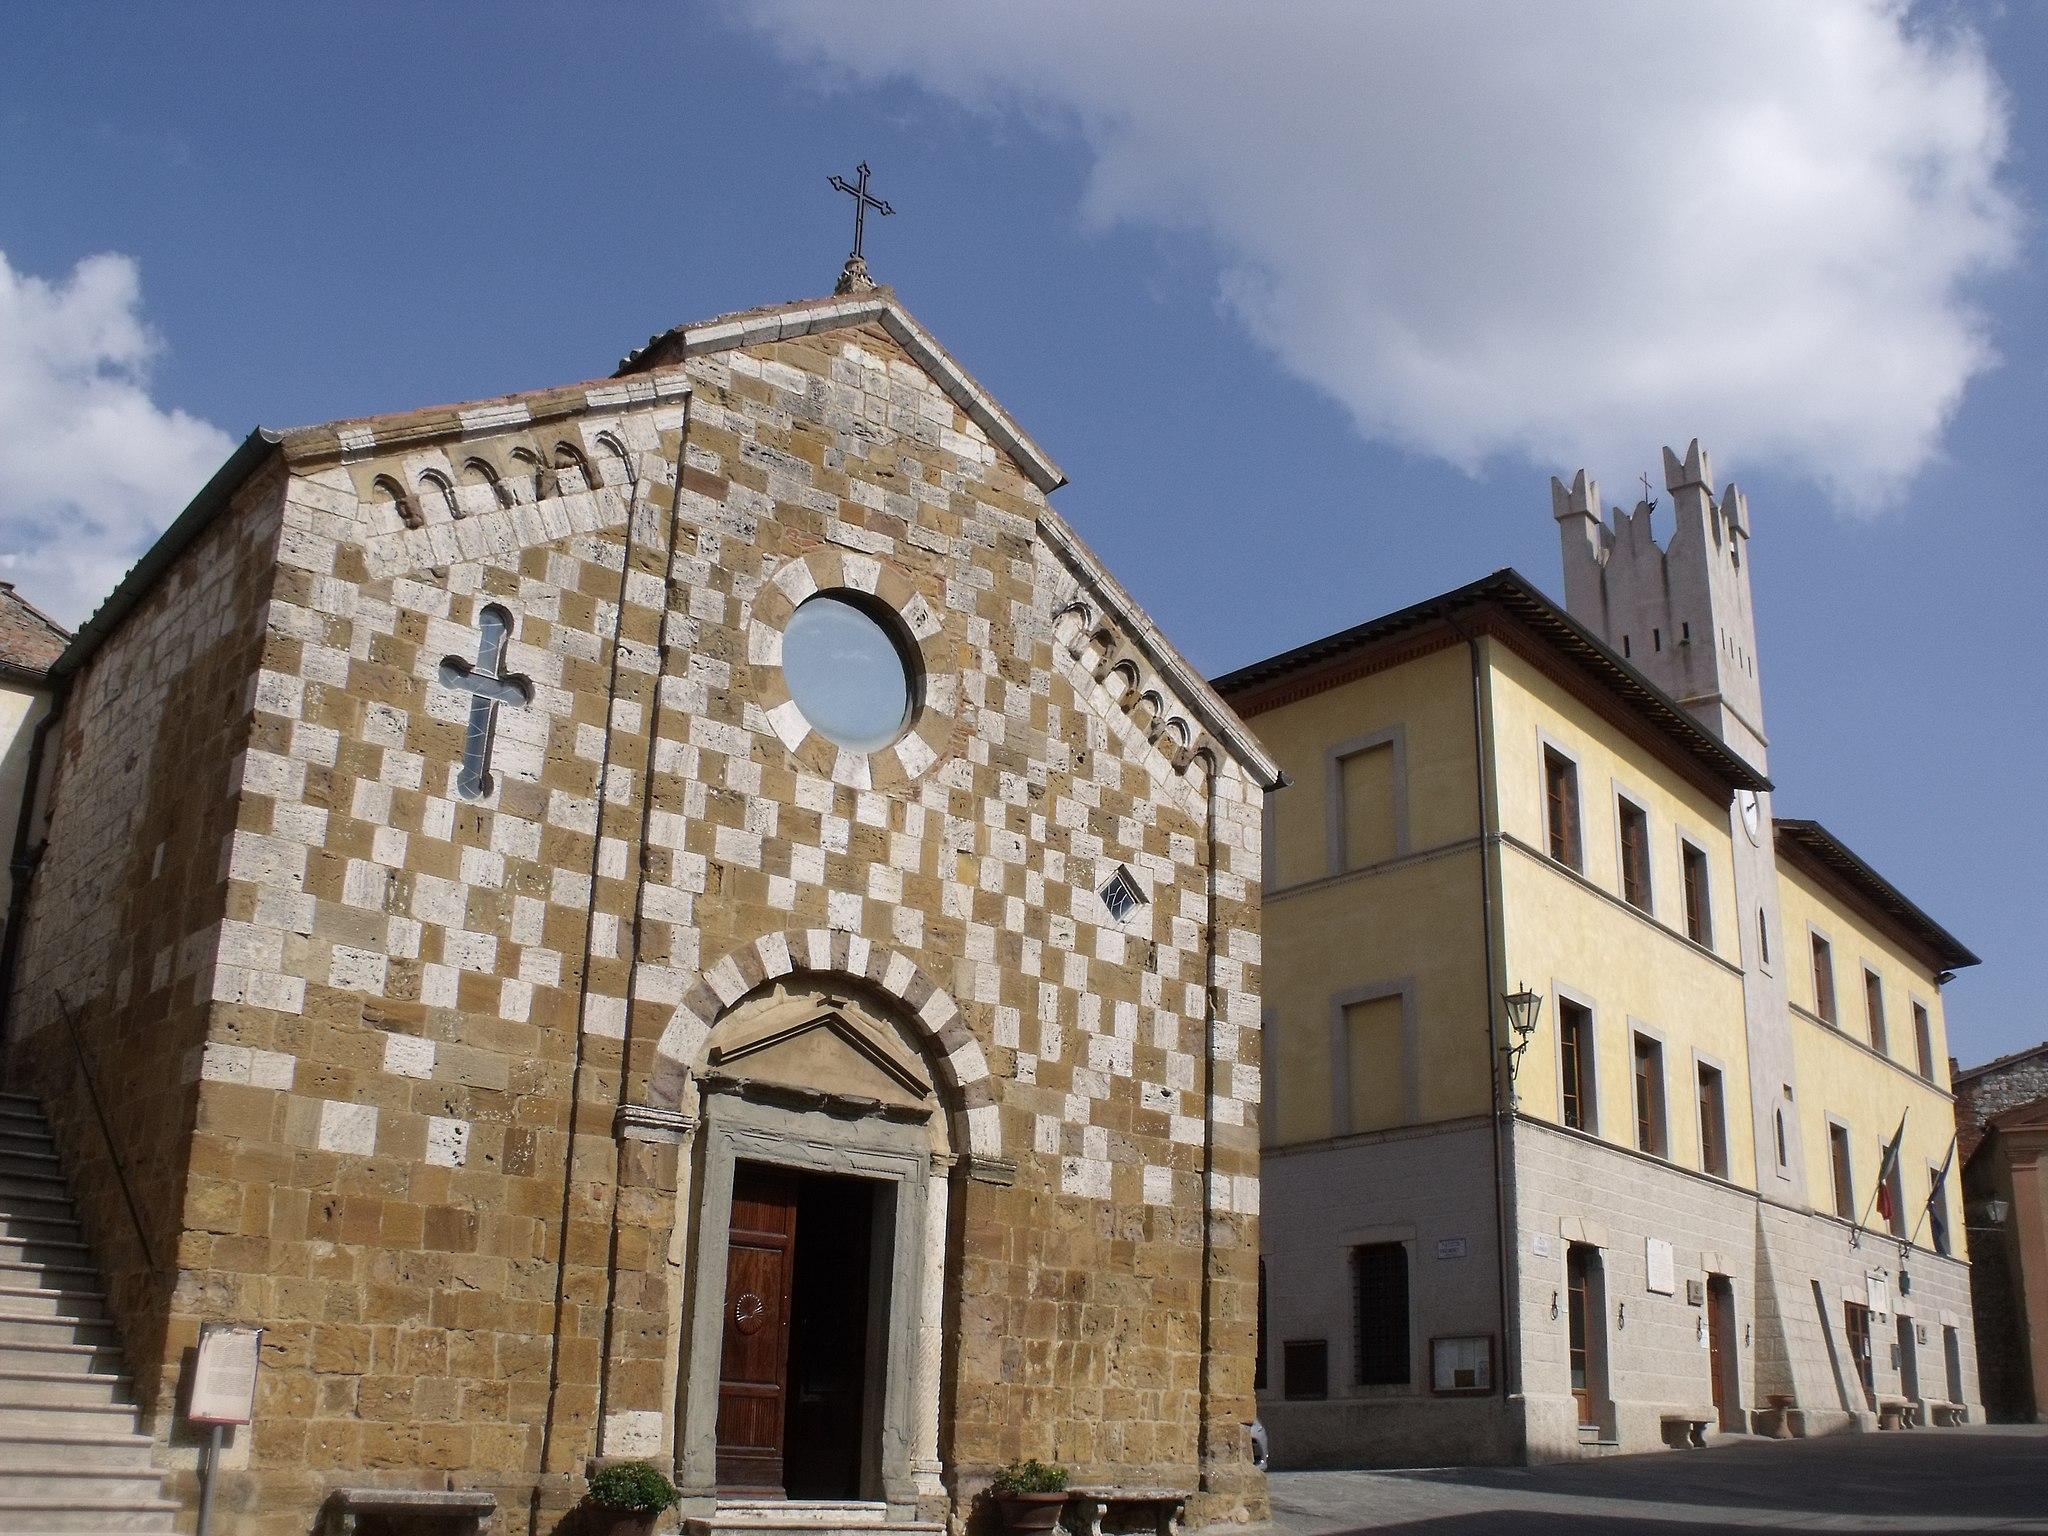 Church Chiesa dei Santi Pietro e Andrea and the Town Hall in Trequanda